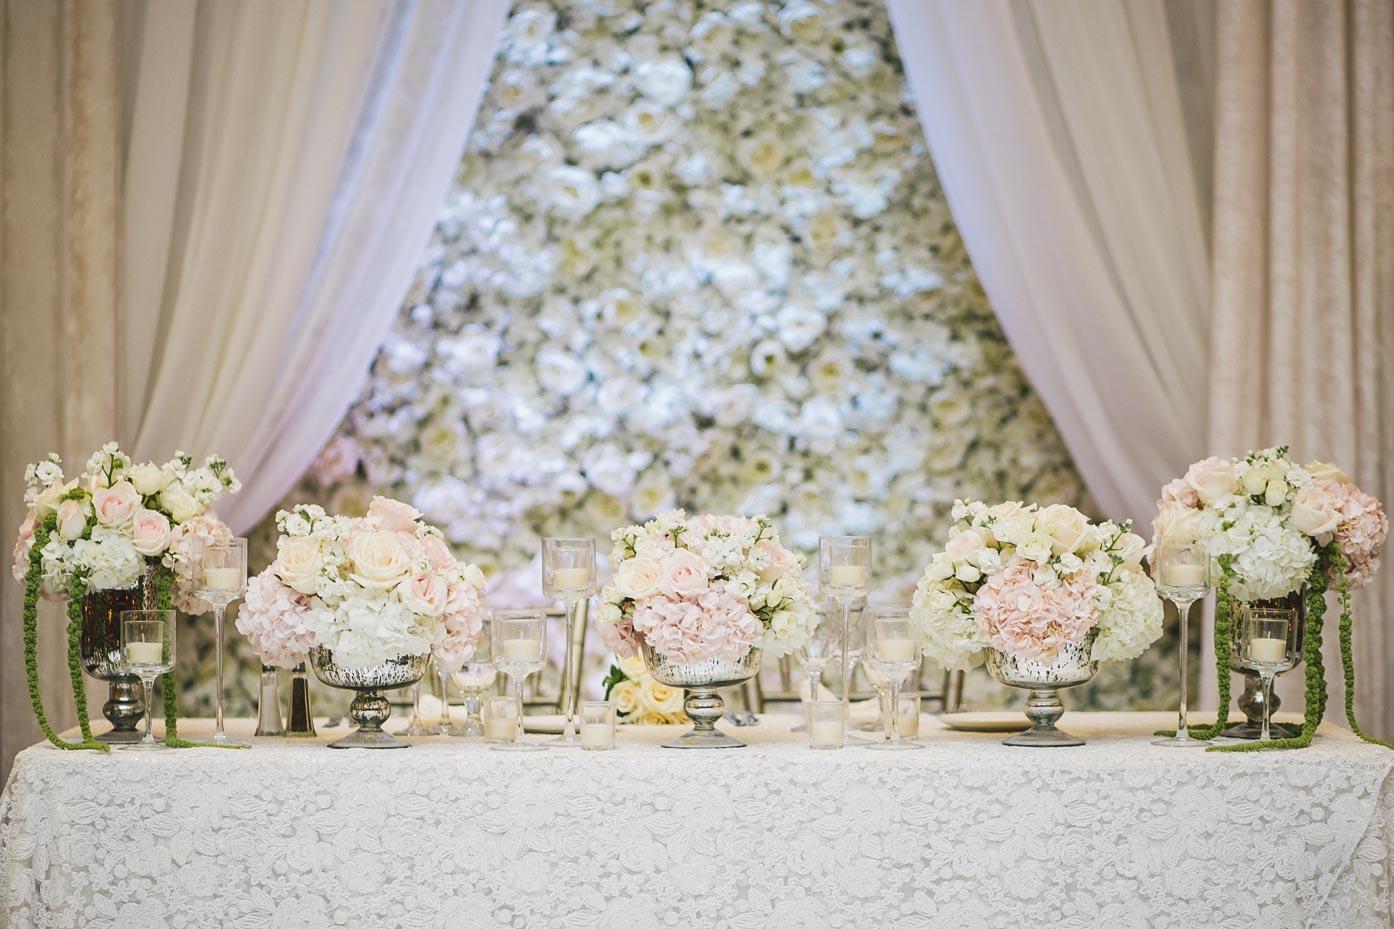 hazelton manor wedding decor